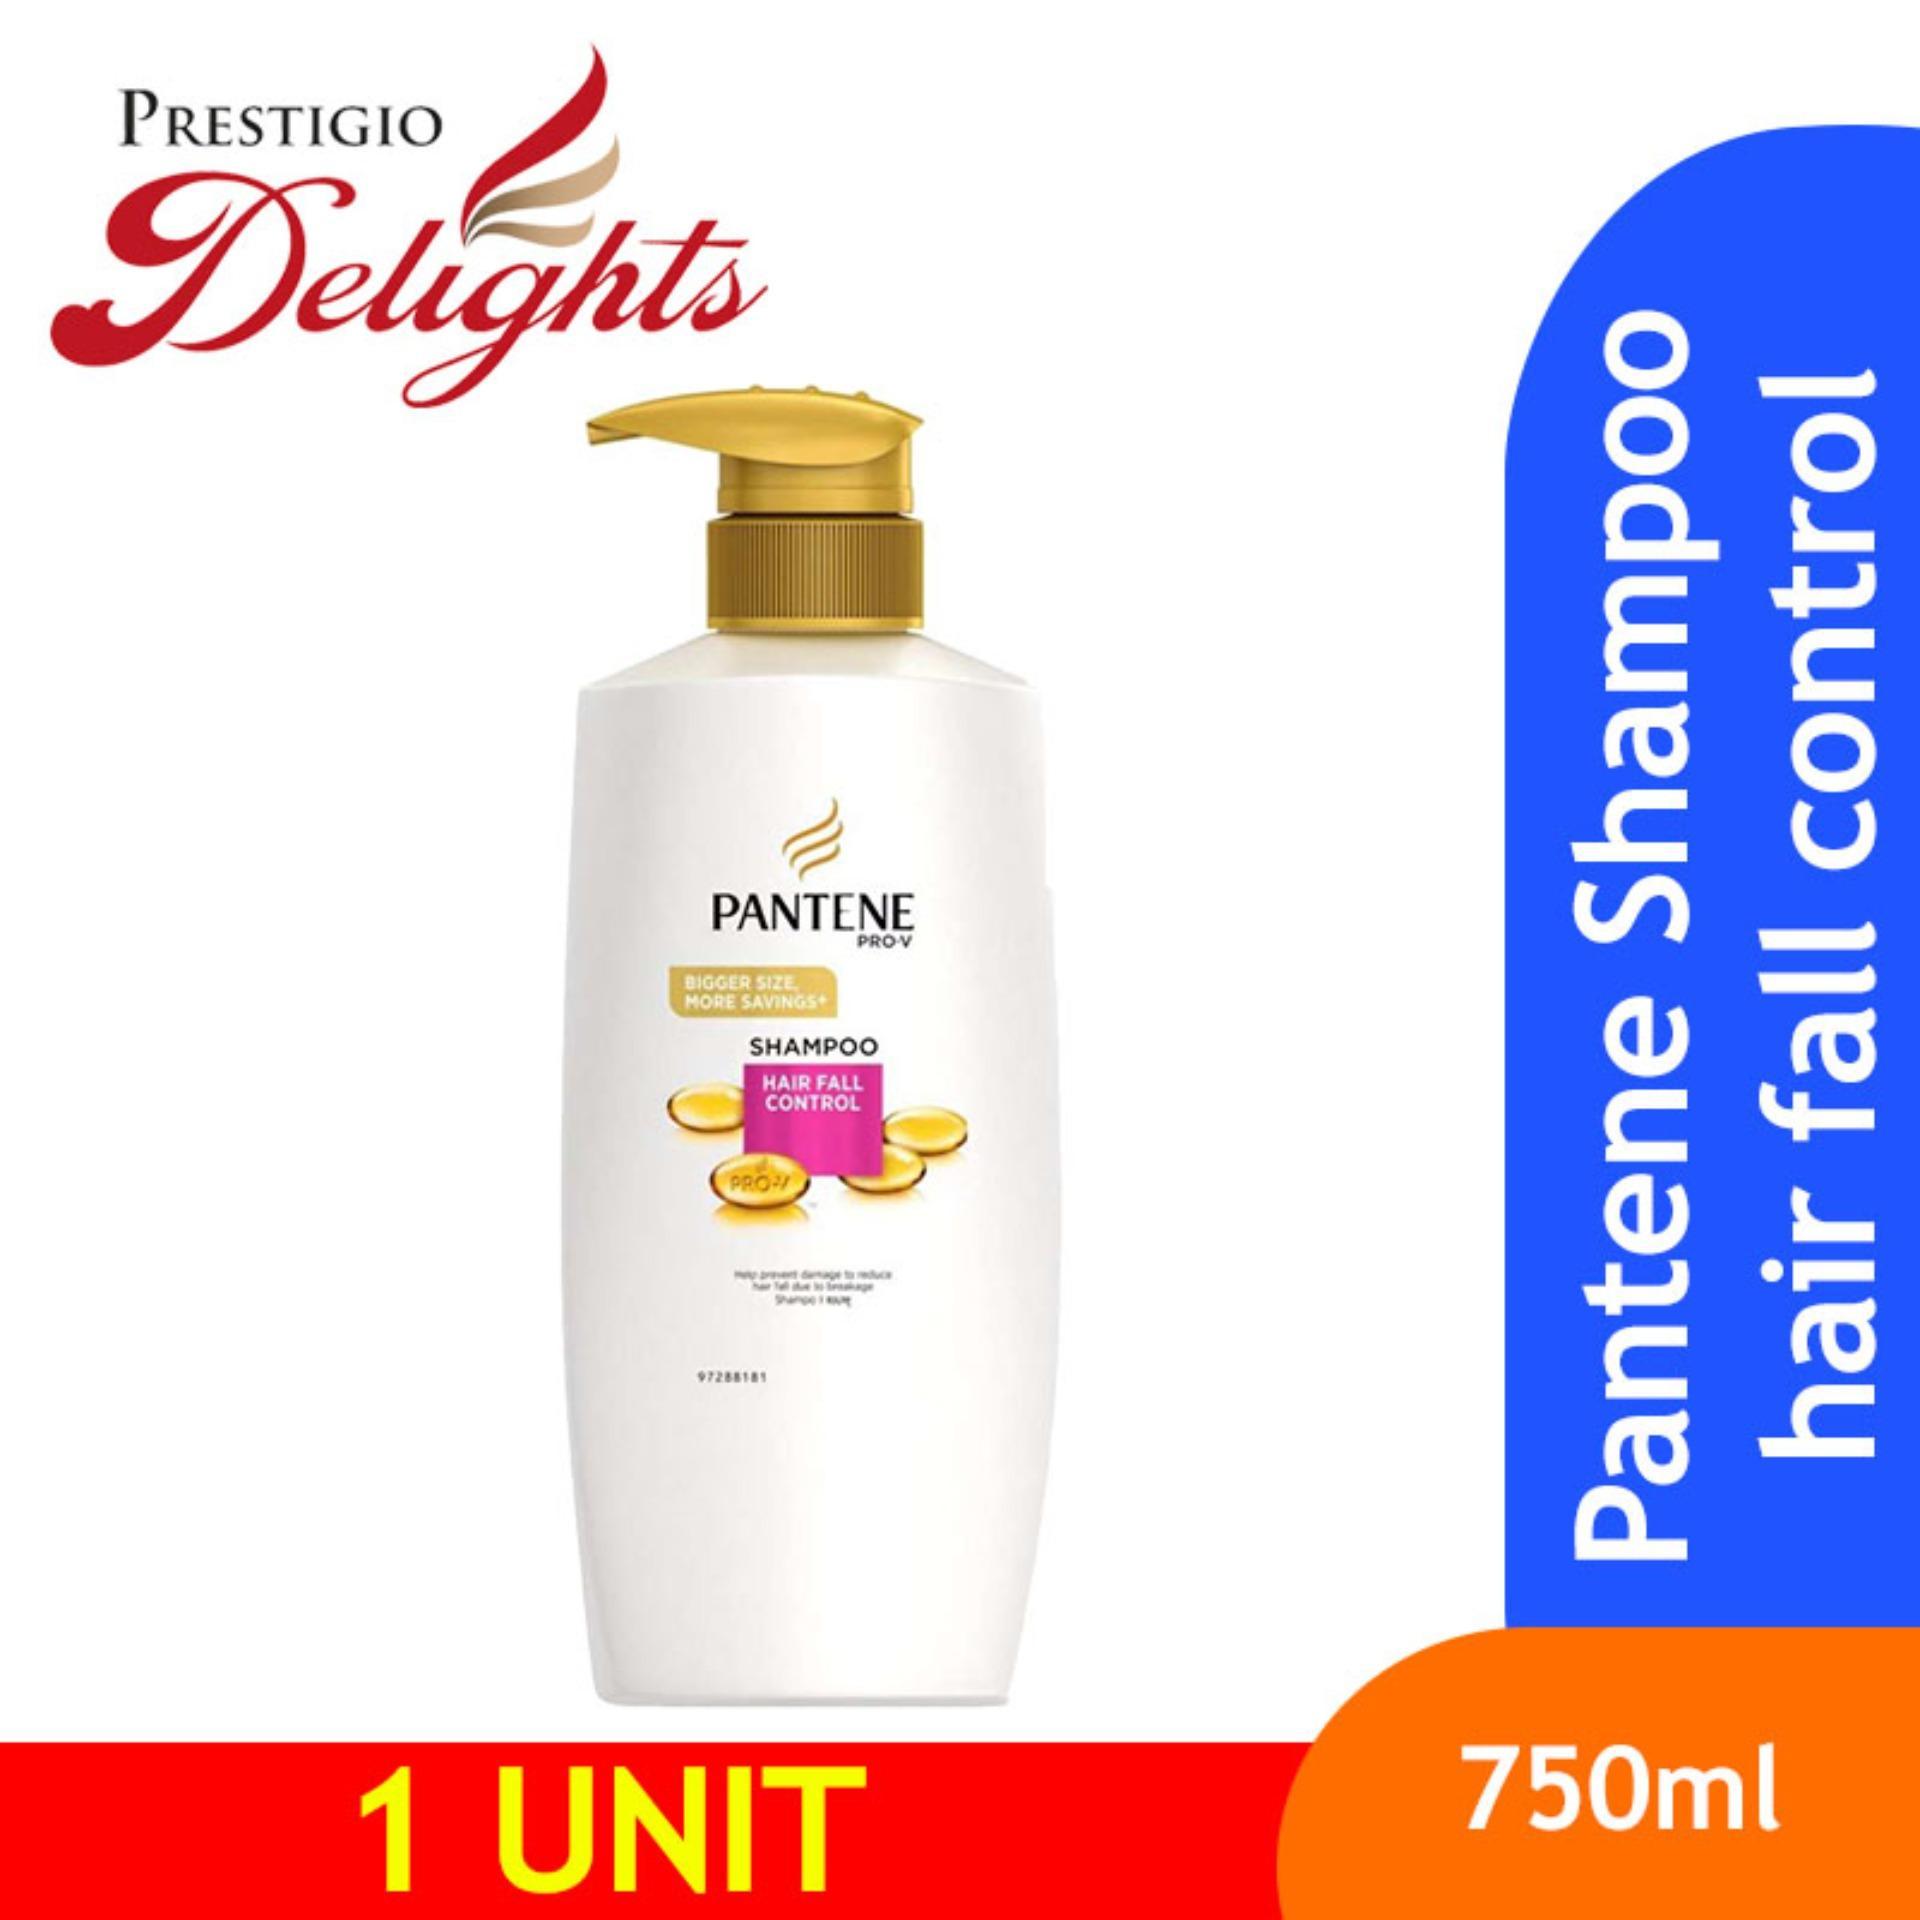 Pantene Shampoo hair fall control 750ml